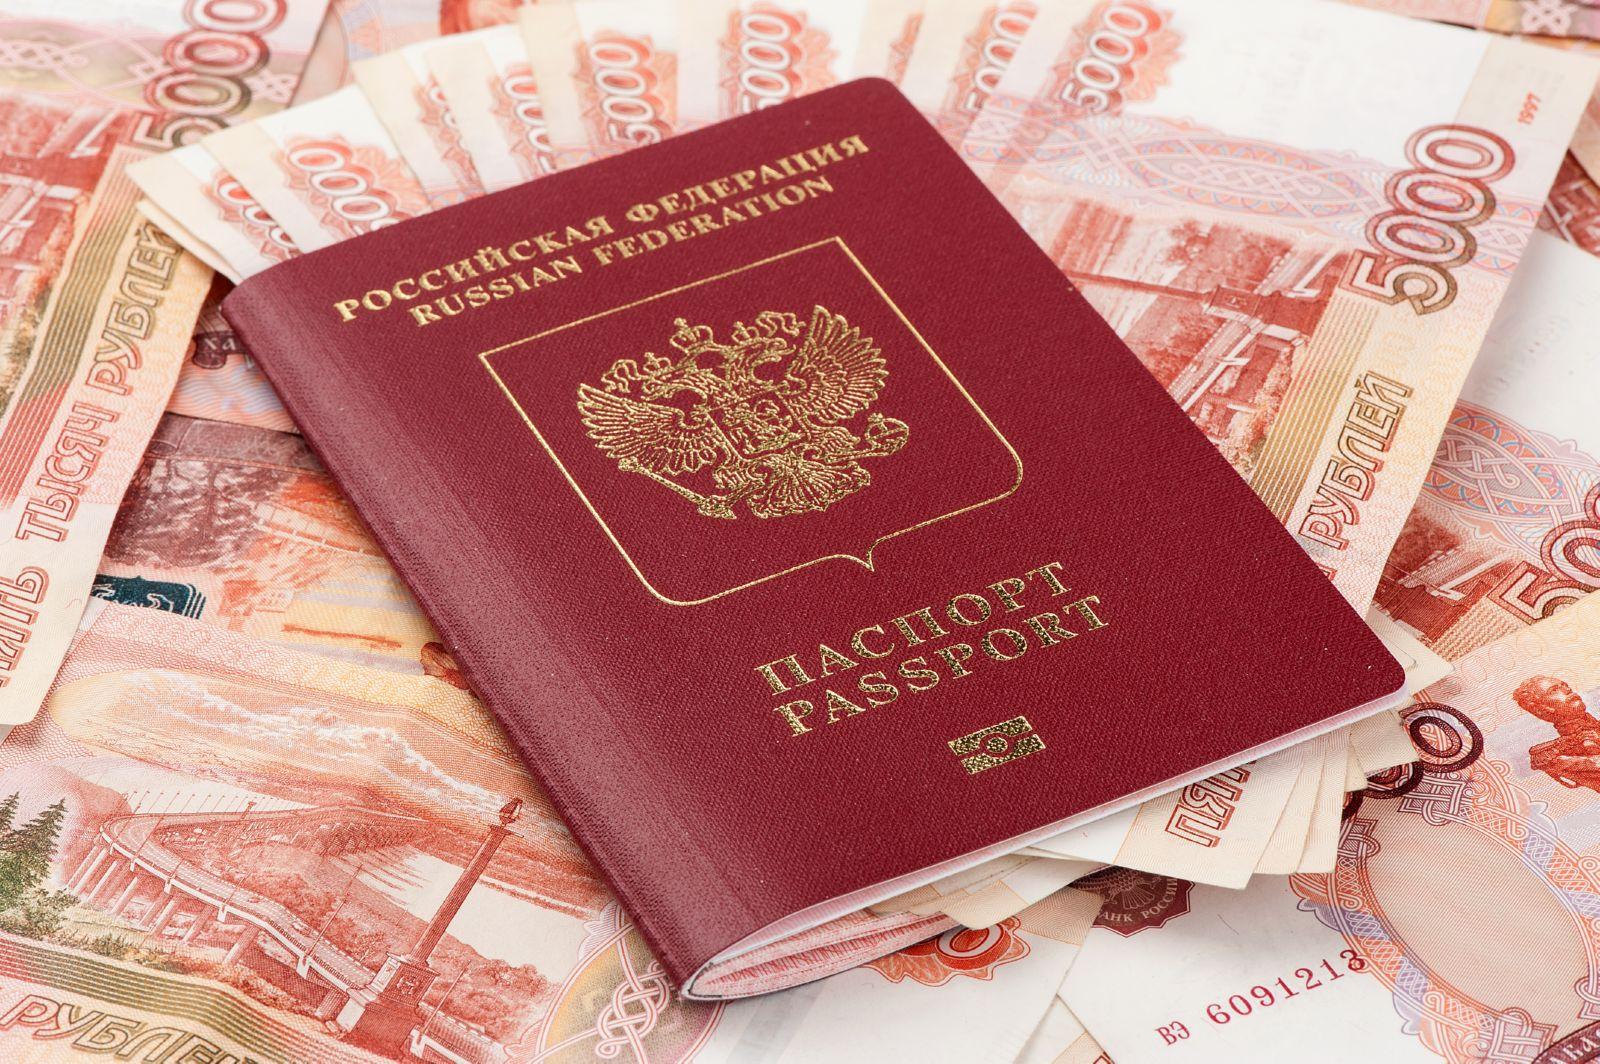 Как самому сделать визу в португалию